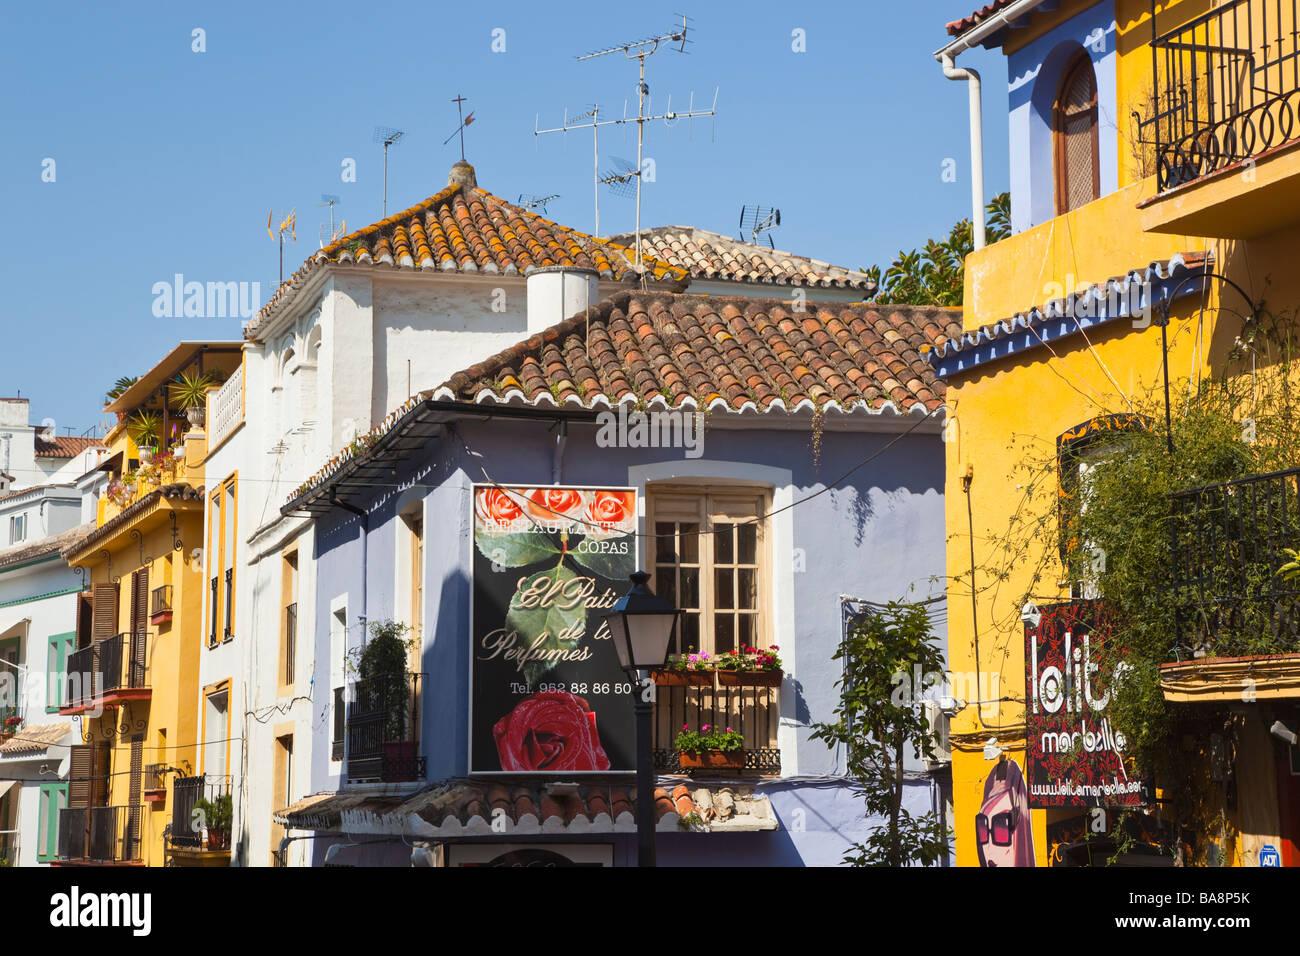 La province de Malaga Marbella Costa del Sol Espagne architecture typique Photo Stock